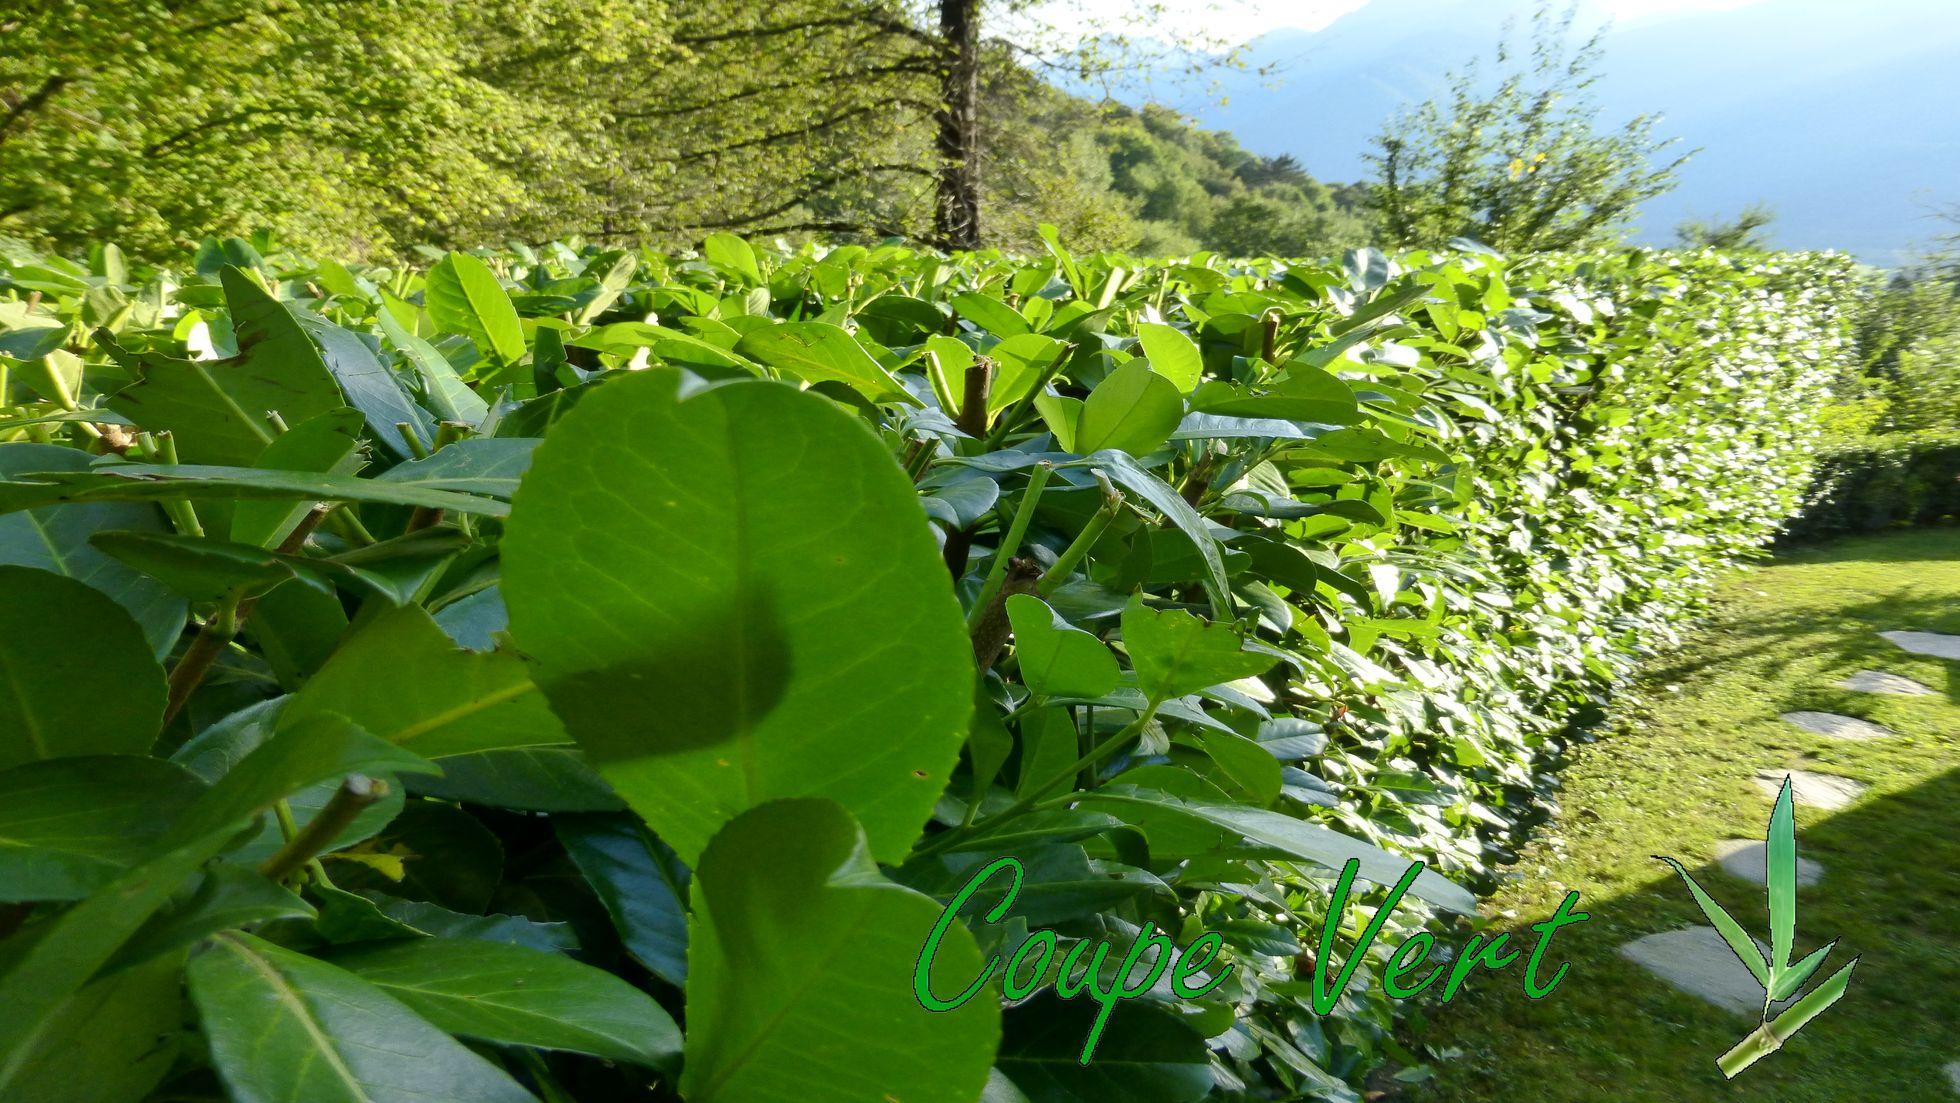 Coupe vert espaces verts jardinage ext rieur for Entretien espace vert 86